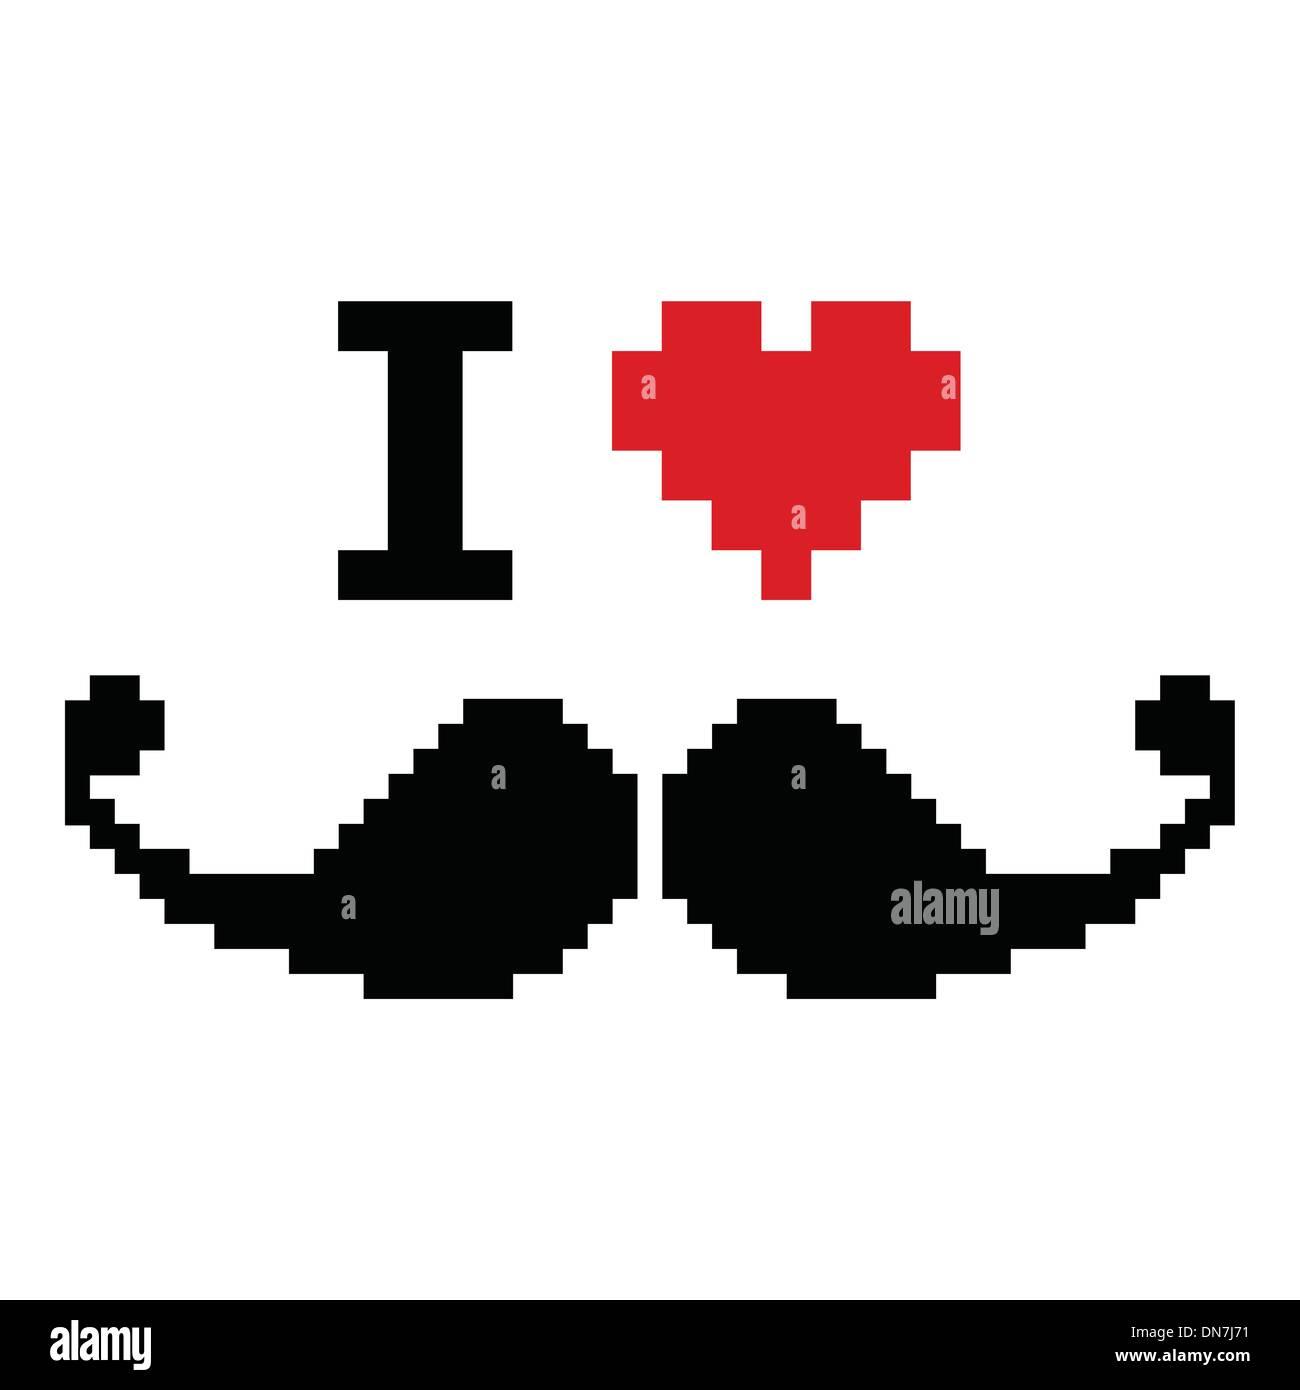 J'adore la moustache, signe de geek rétro pixélisé Illustration de Vecteur